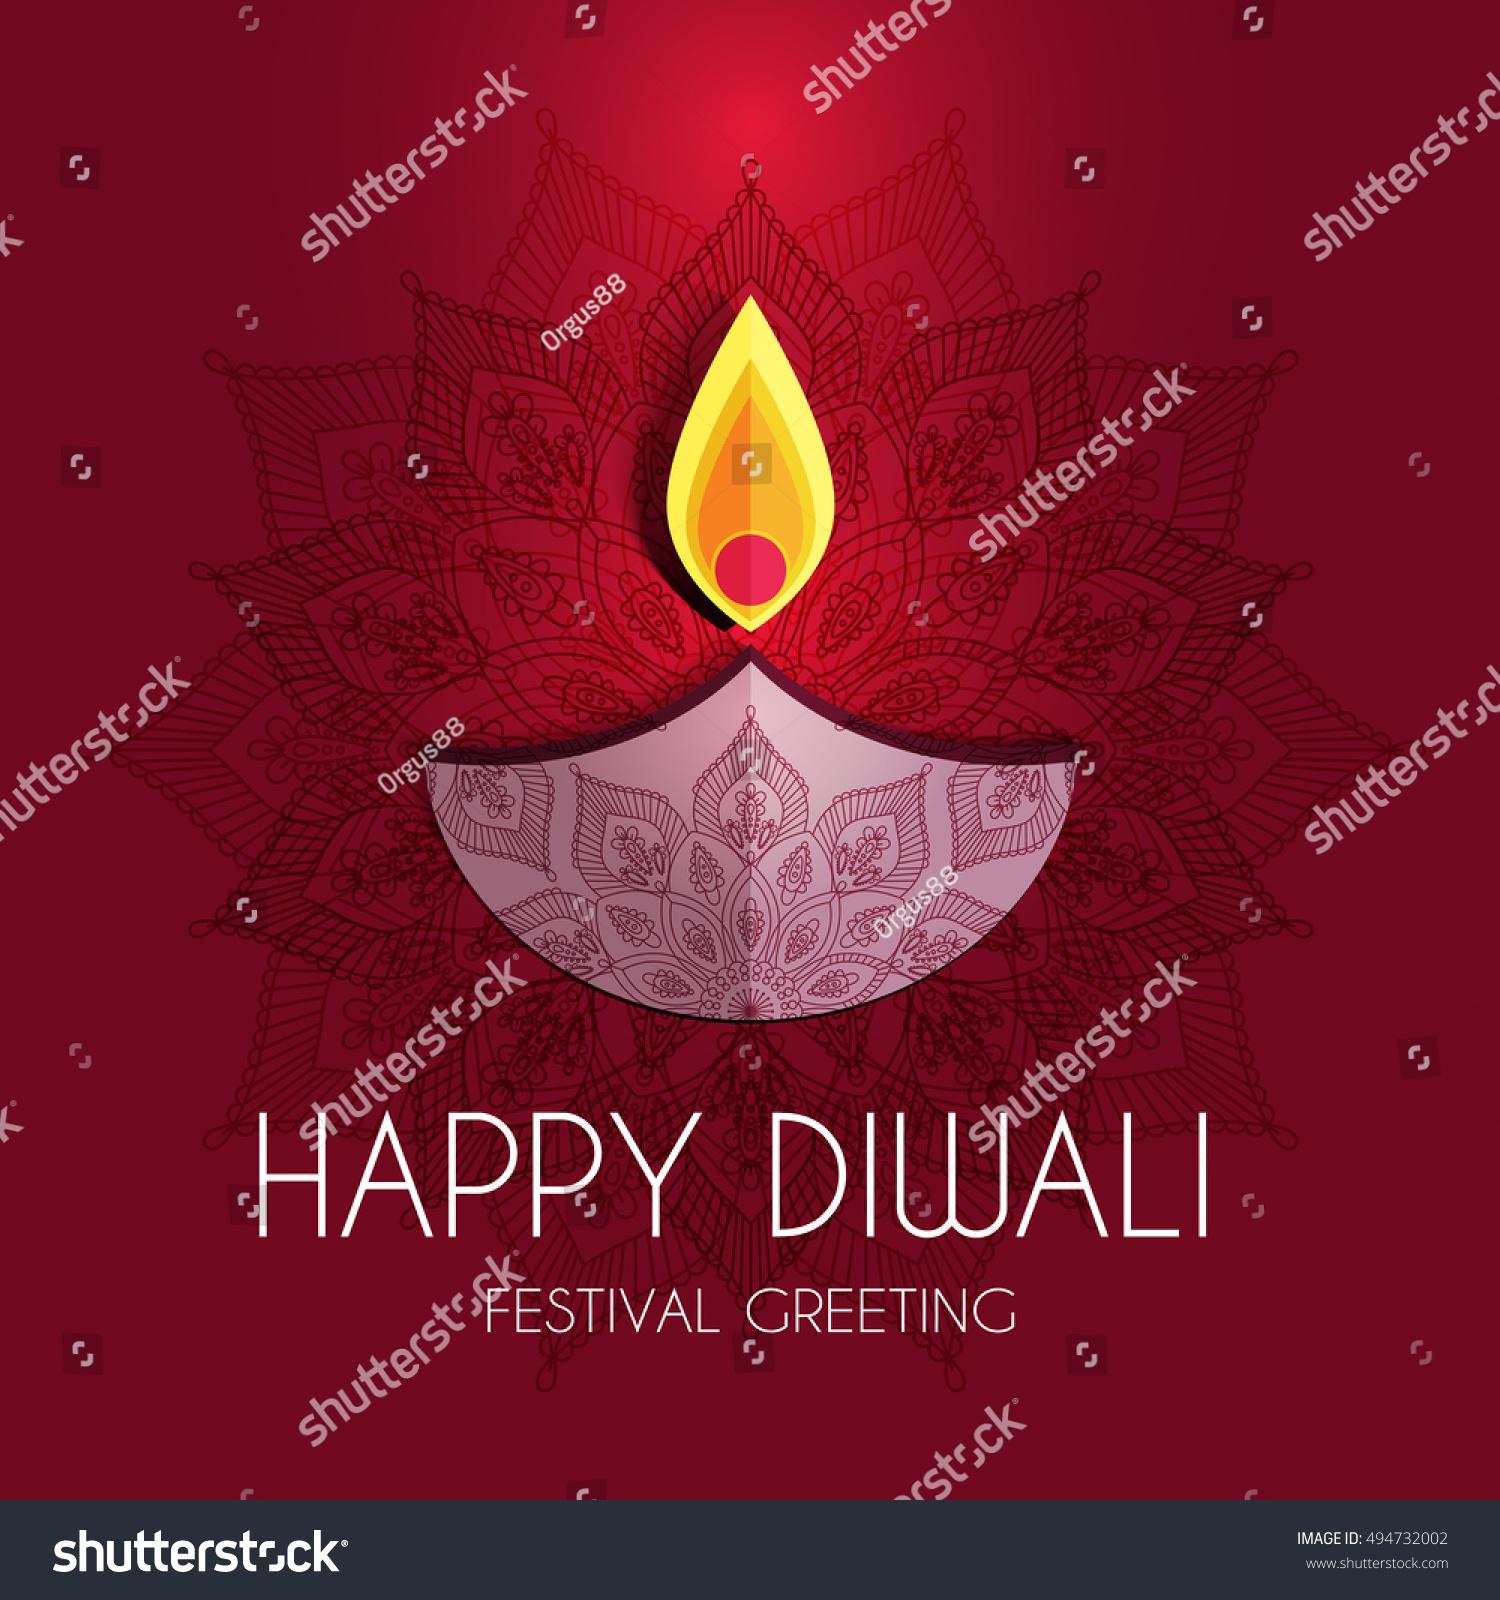 Beautiful Greeting Card Hindu Community Festival Stock Vector